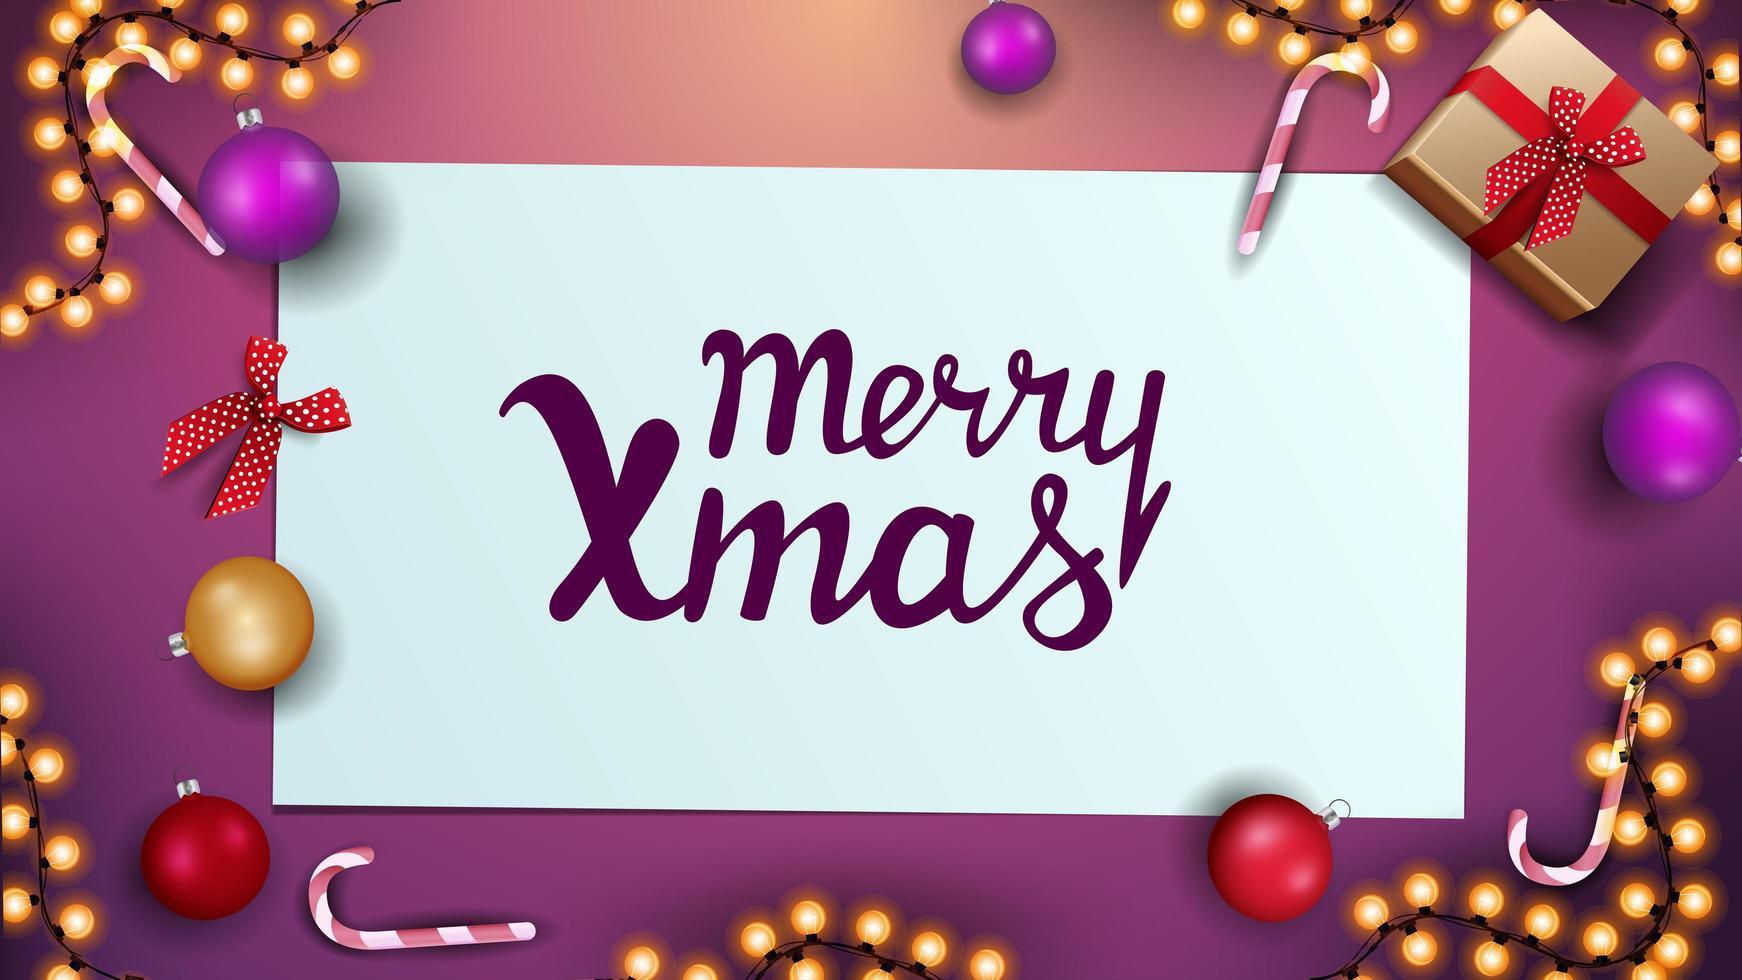 feliz navidad, tarjeta de felicitación rosa con bolas navideñas, bastones de caramelo, guirnaldas y regalos, vista superior vector